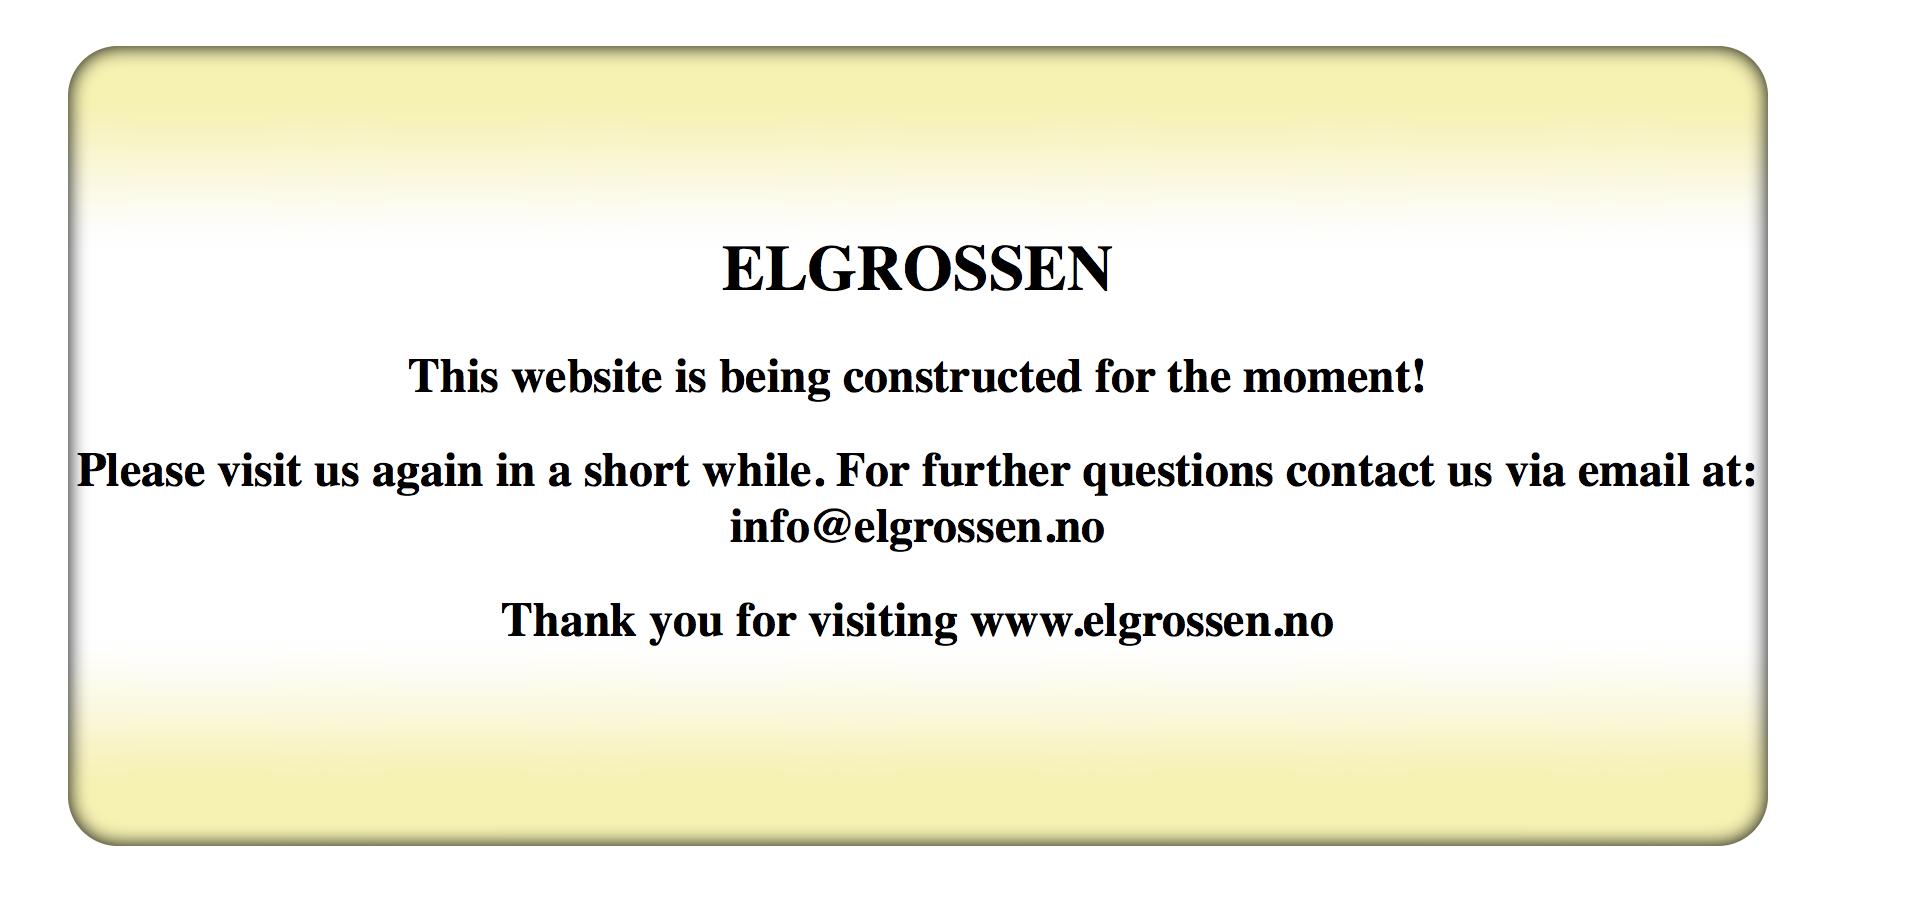 Elgrossen.no